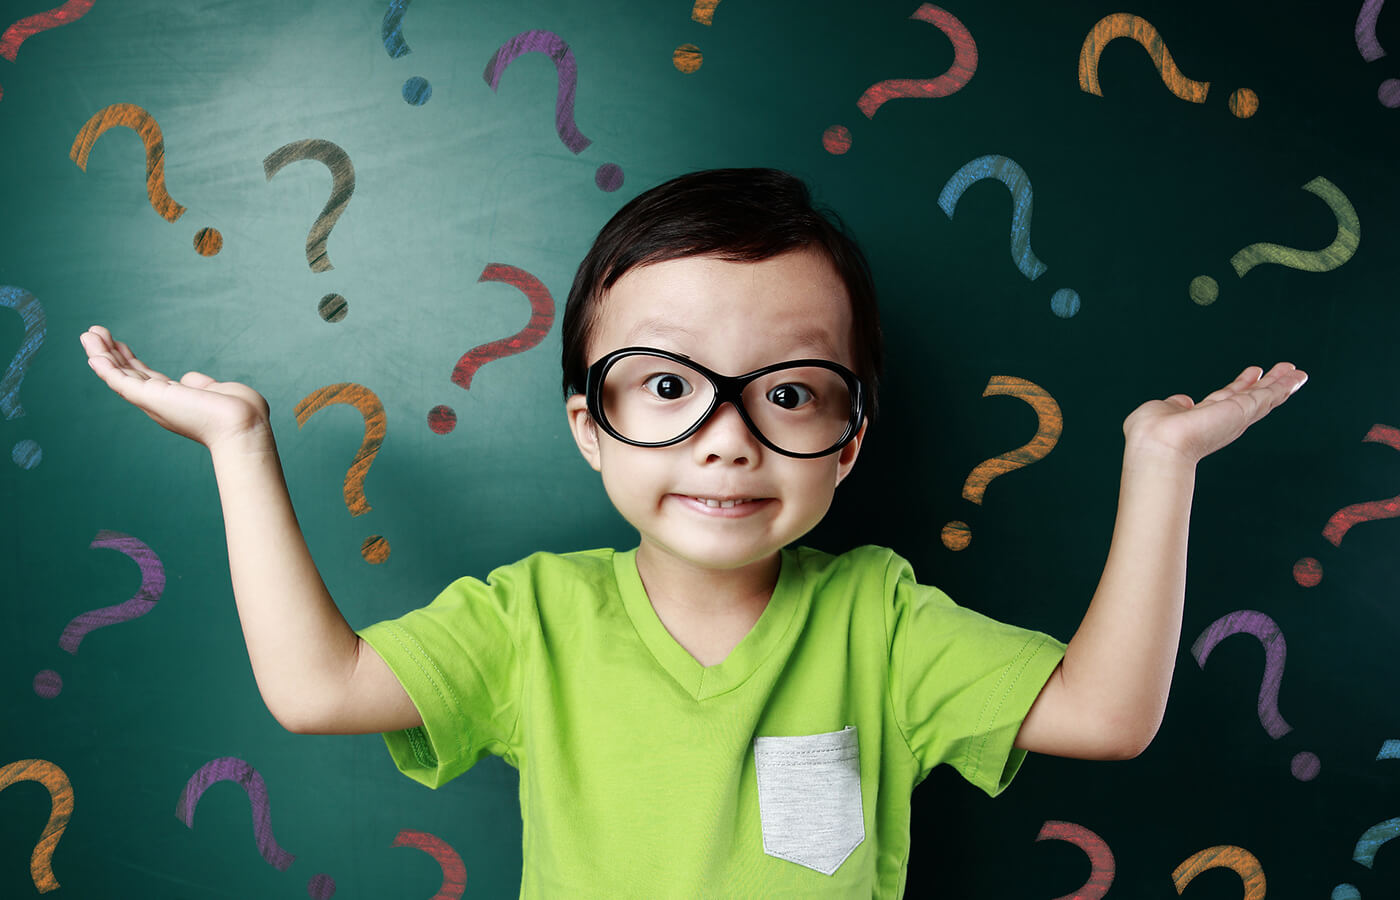 мороз картинки знак вопроса и ученики занятие учит думать